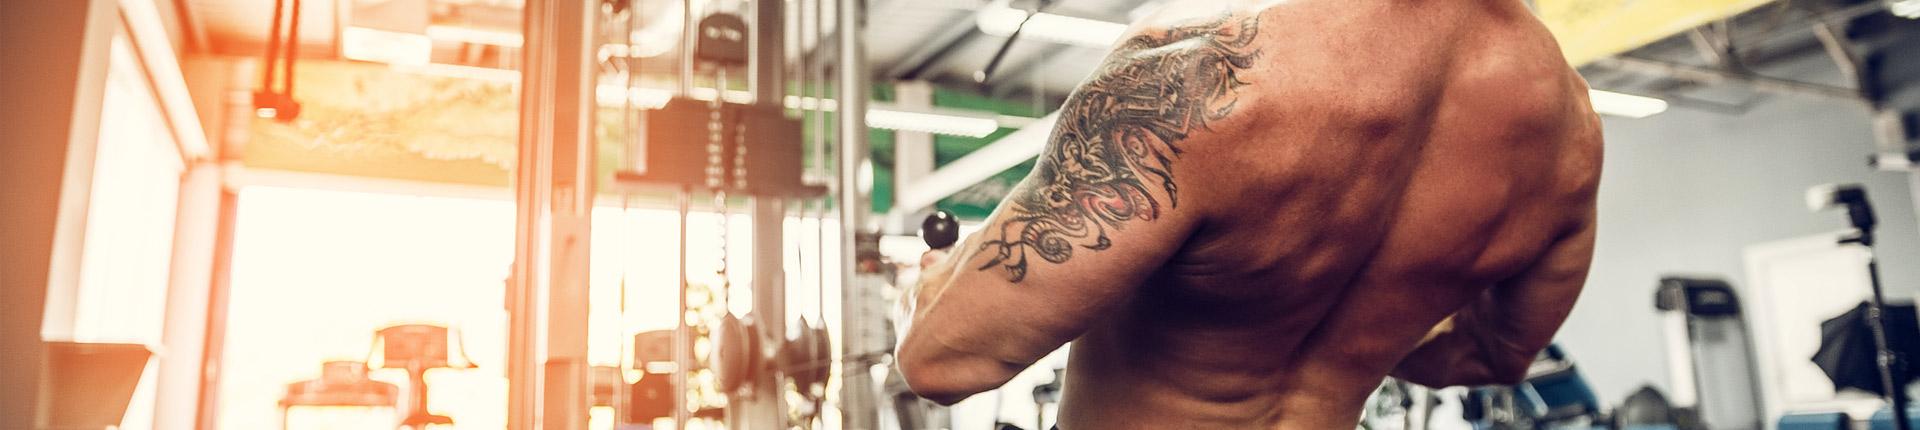 Trening w weekendy, czy to ma sens?